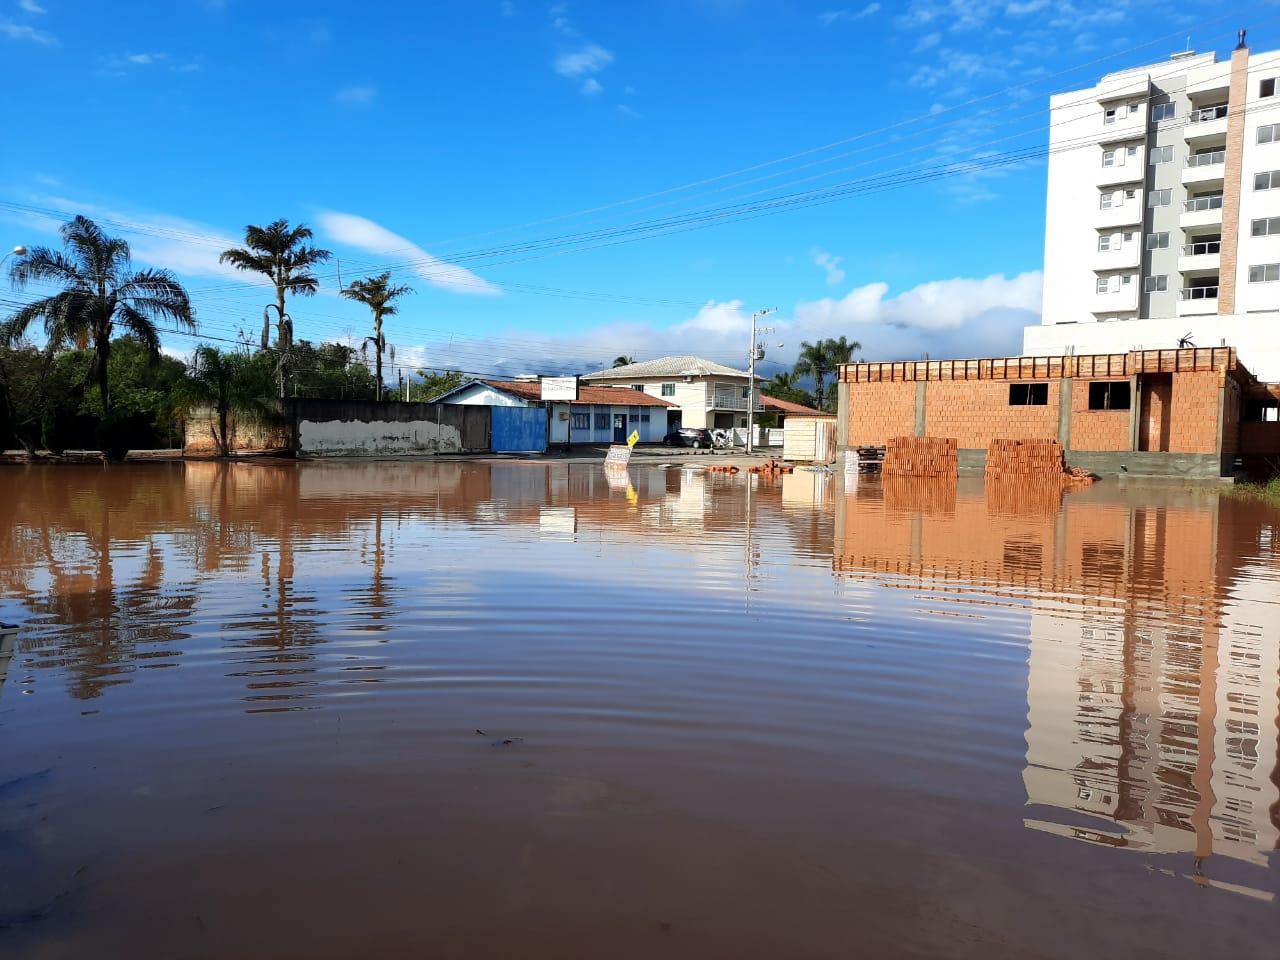 As fortes chuvas obrigaram moradores a deixarem suas casas ainda na noite de terça-feira (8) - Karina Koppe/NDTV